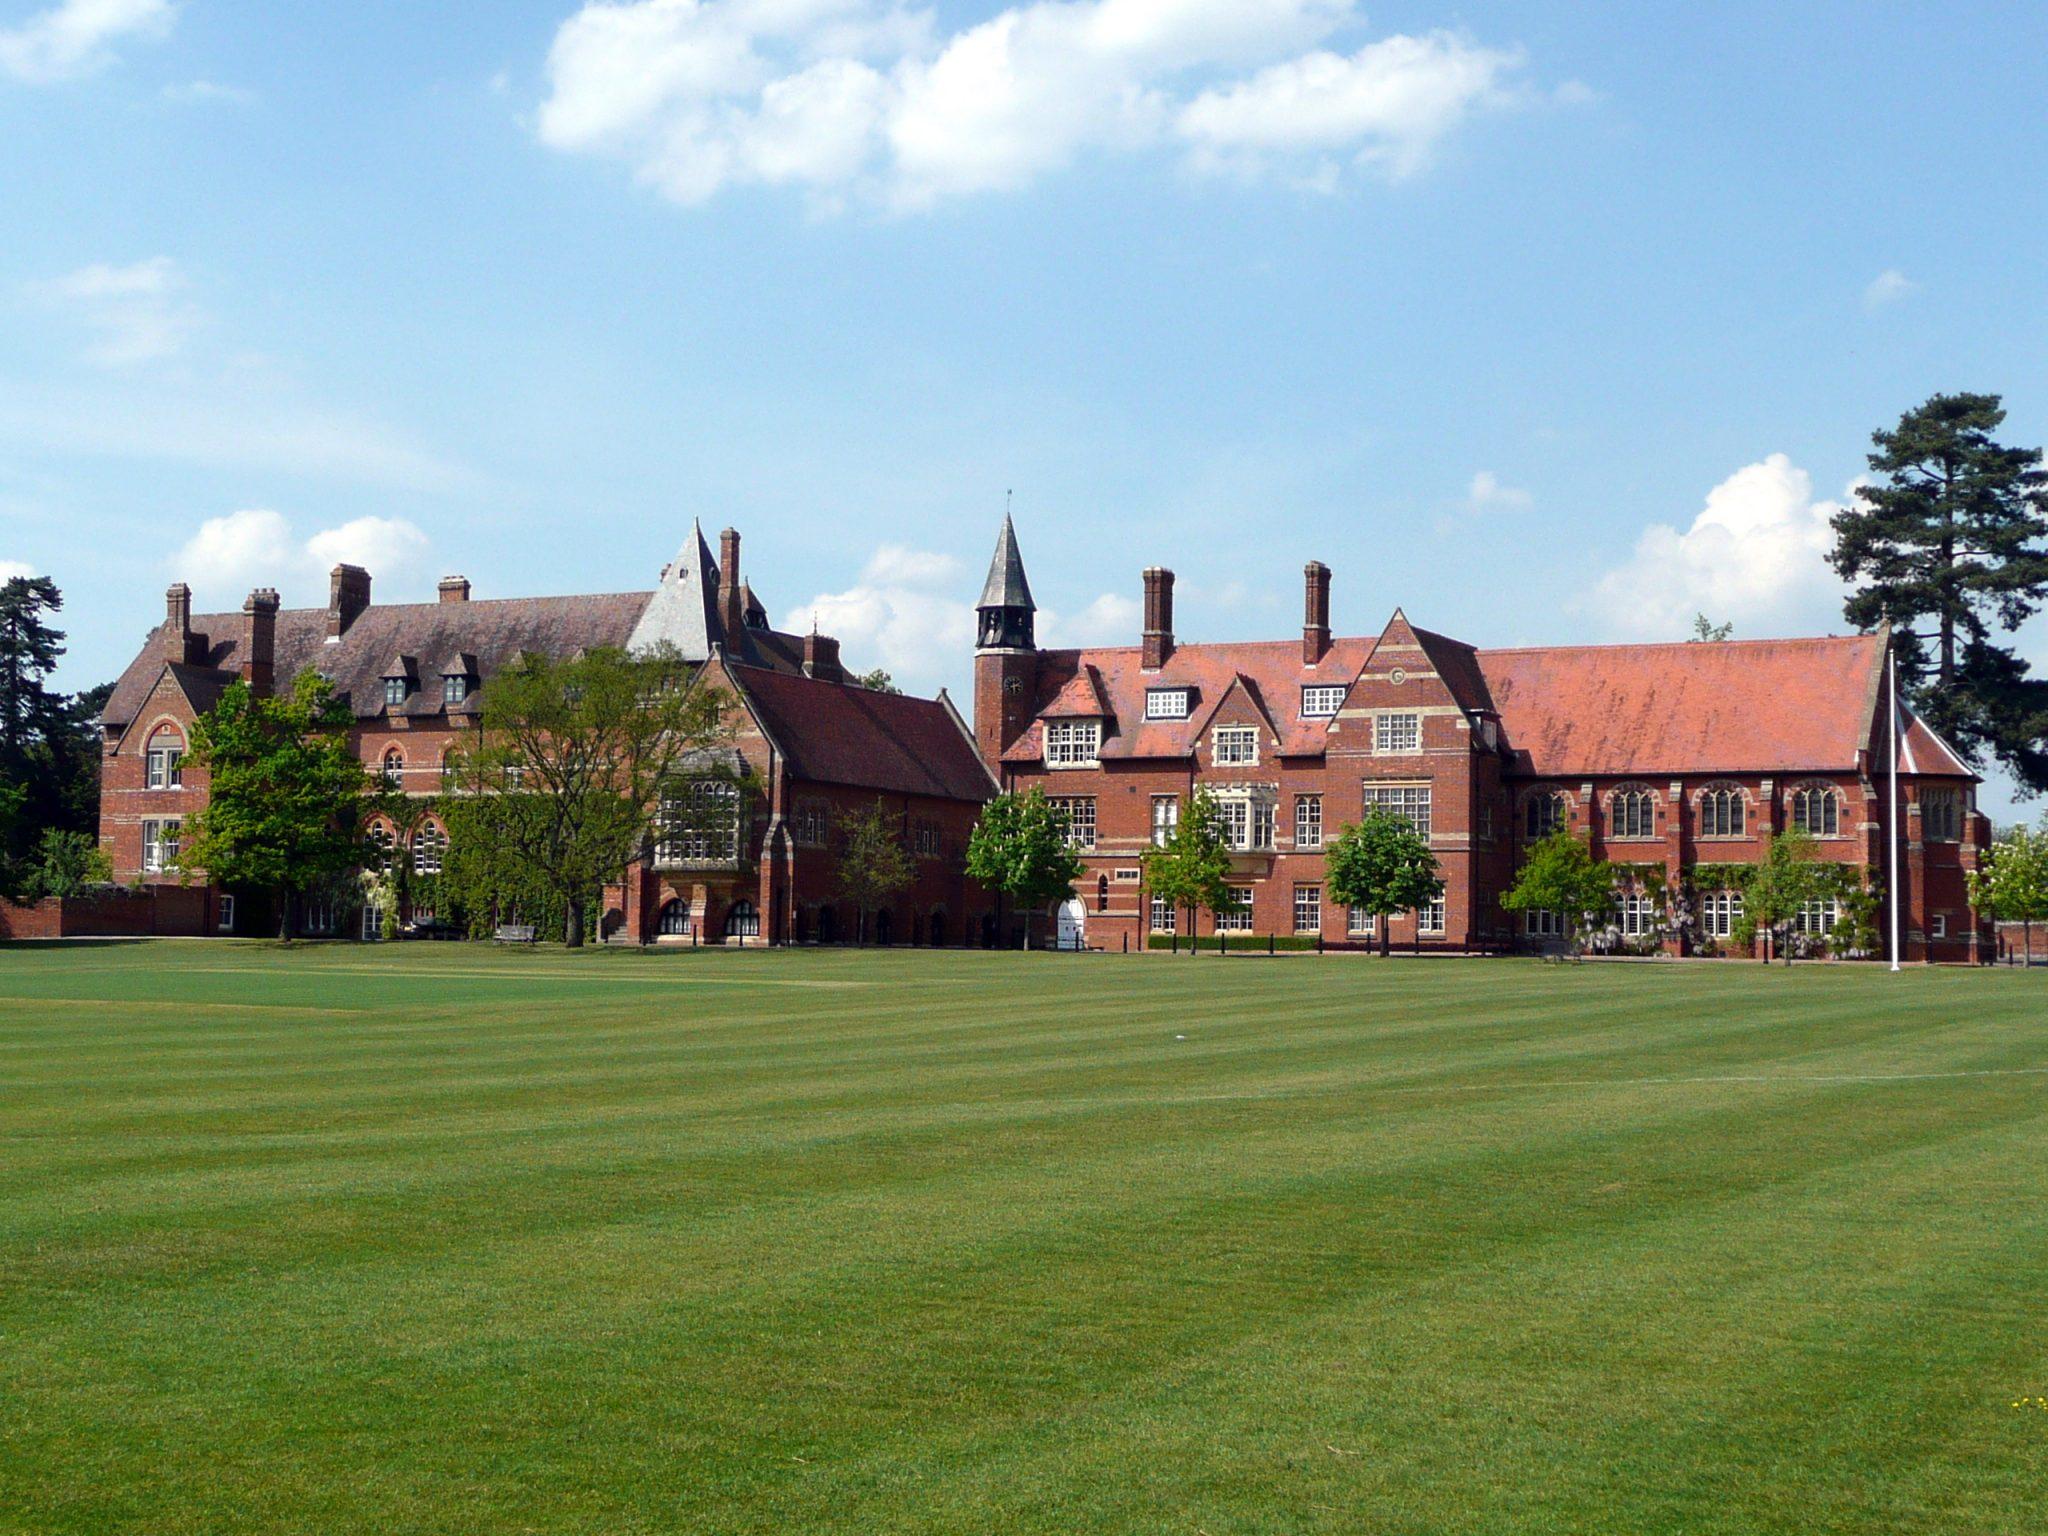 Abingdon School, Abingdon, Oxfordshire